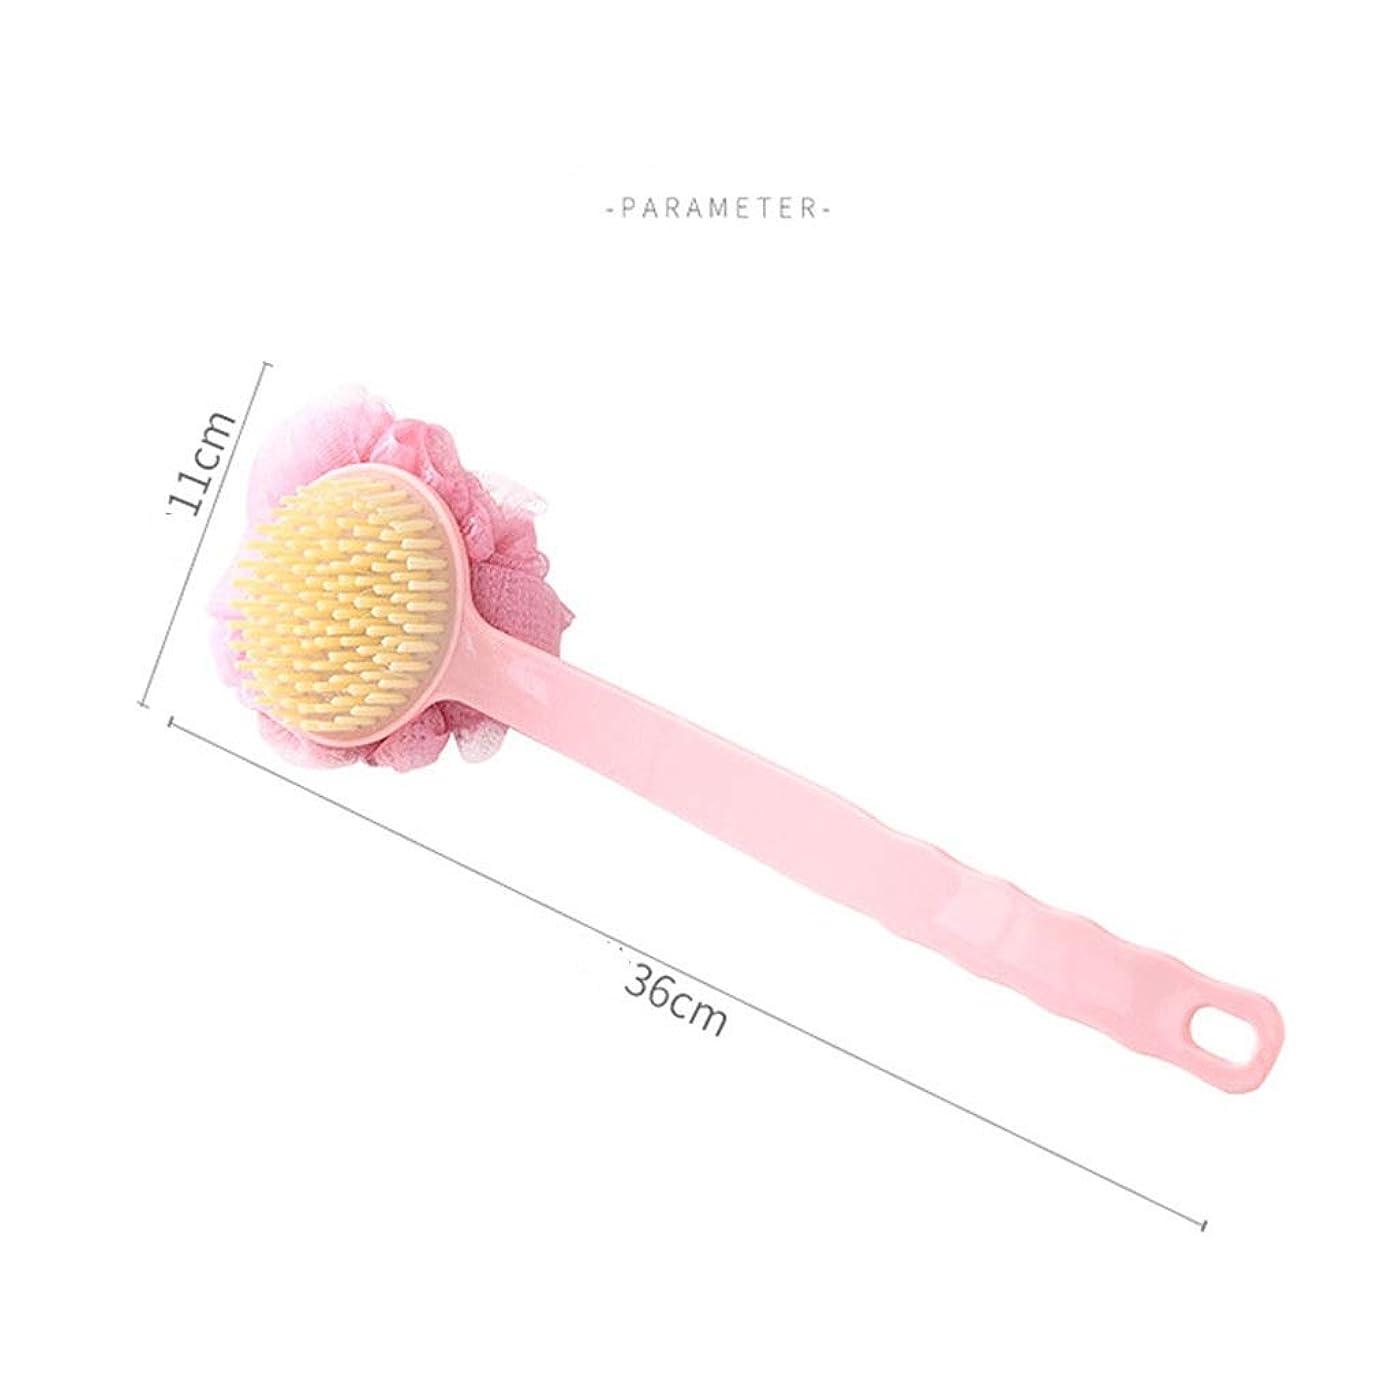 居住者どちらか顕著Bath Body Brush - 敏感肌用のソフトファーロングハンドルエクスフォリエーションバックスクラバー付きシャワーボディバックブラシ (色 : ピンク)